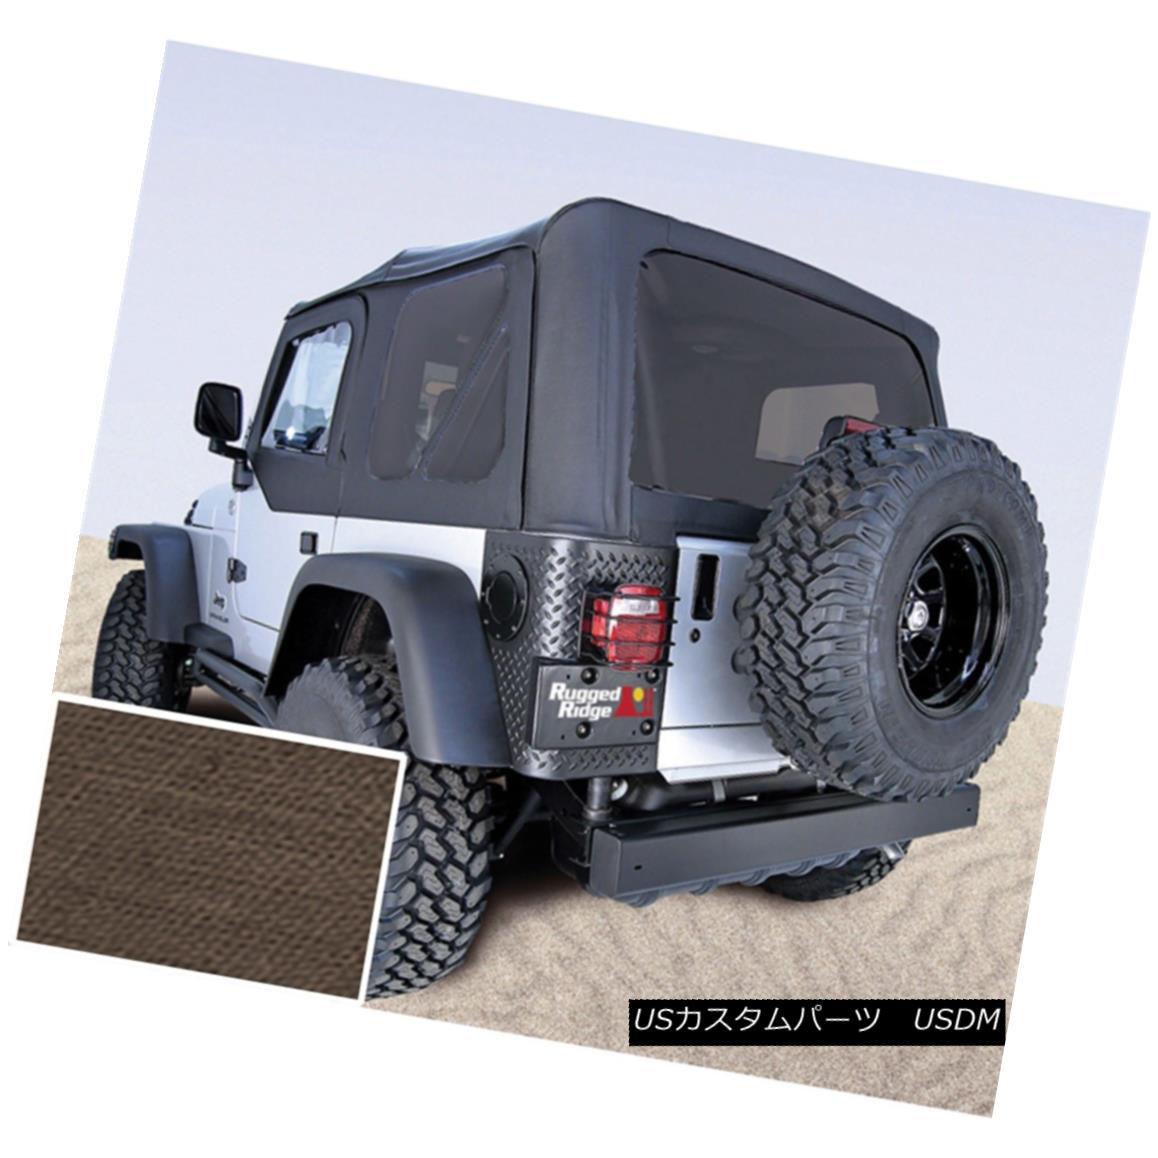 幌・ソフトトップ Rugged Ridge 13730.36 Replacement Soft Top Fits 03-06 Wrangler (TJ) 頑丈なリッジ13730.36交換ソフトトップフィット03-06ラングラー(TJ)